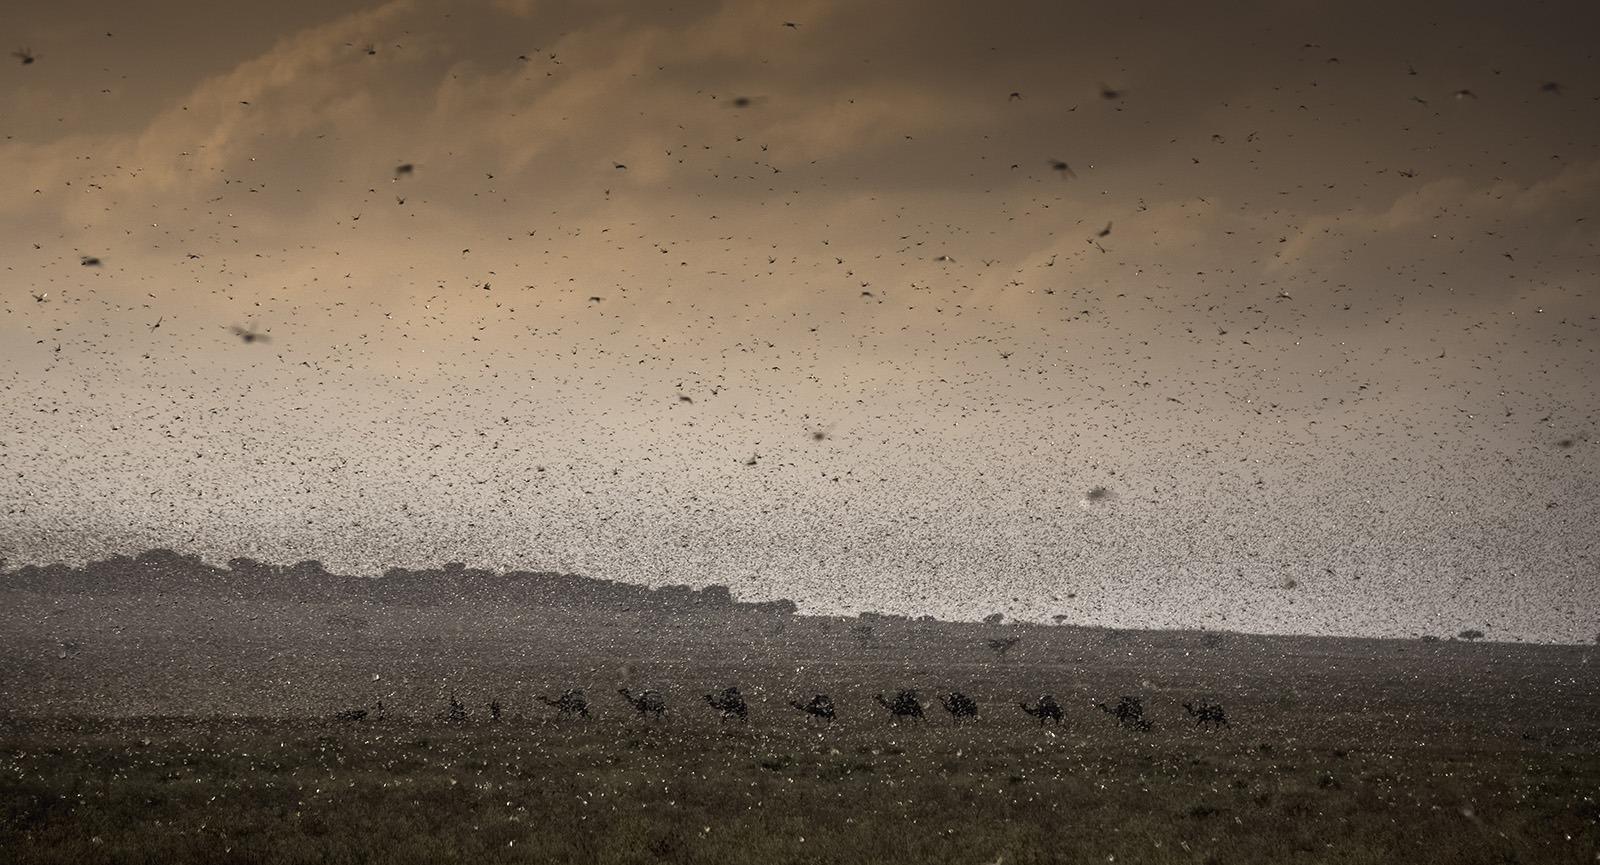 Il cielo tinto di nero: Sciami di cavallette del deserto oscurano il cielo etiope. (©FAO/Petterik Wiggers)